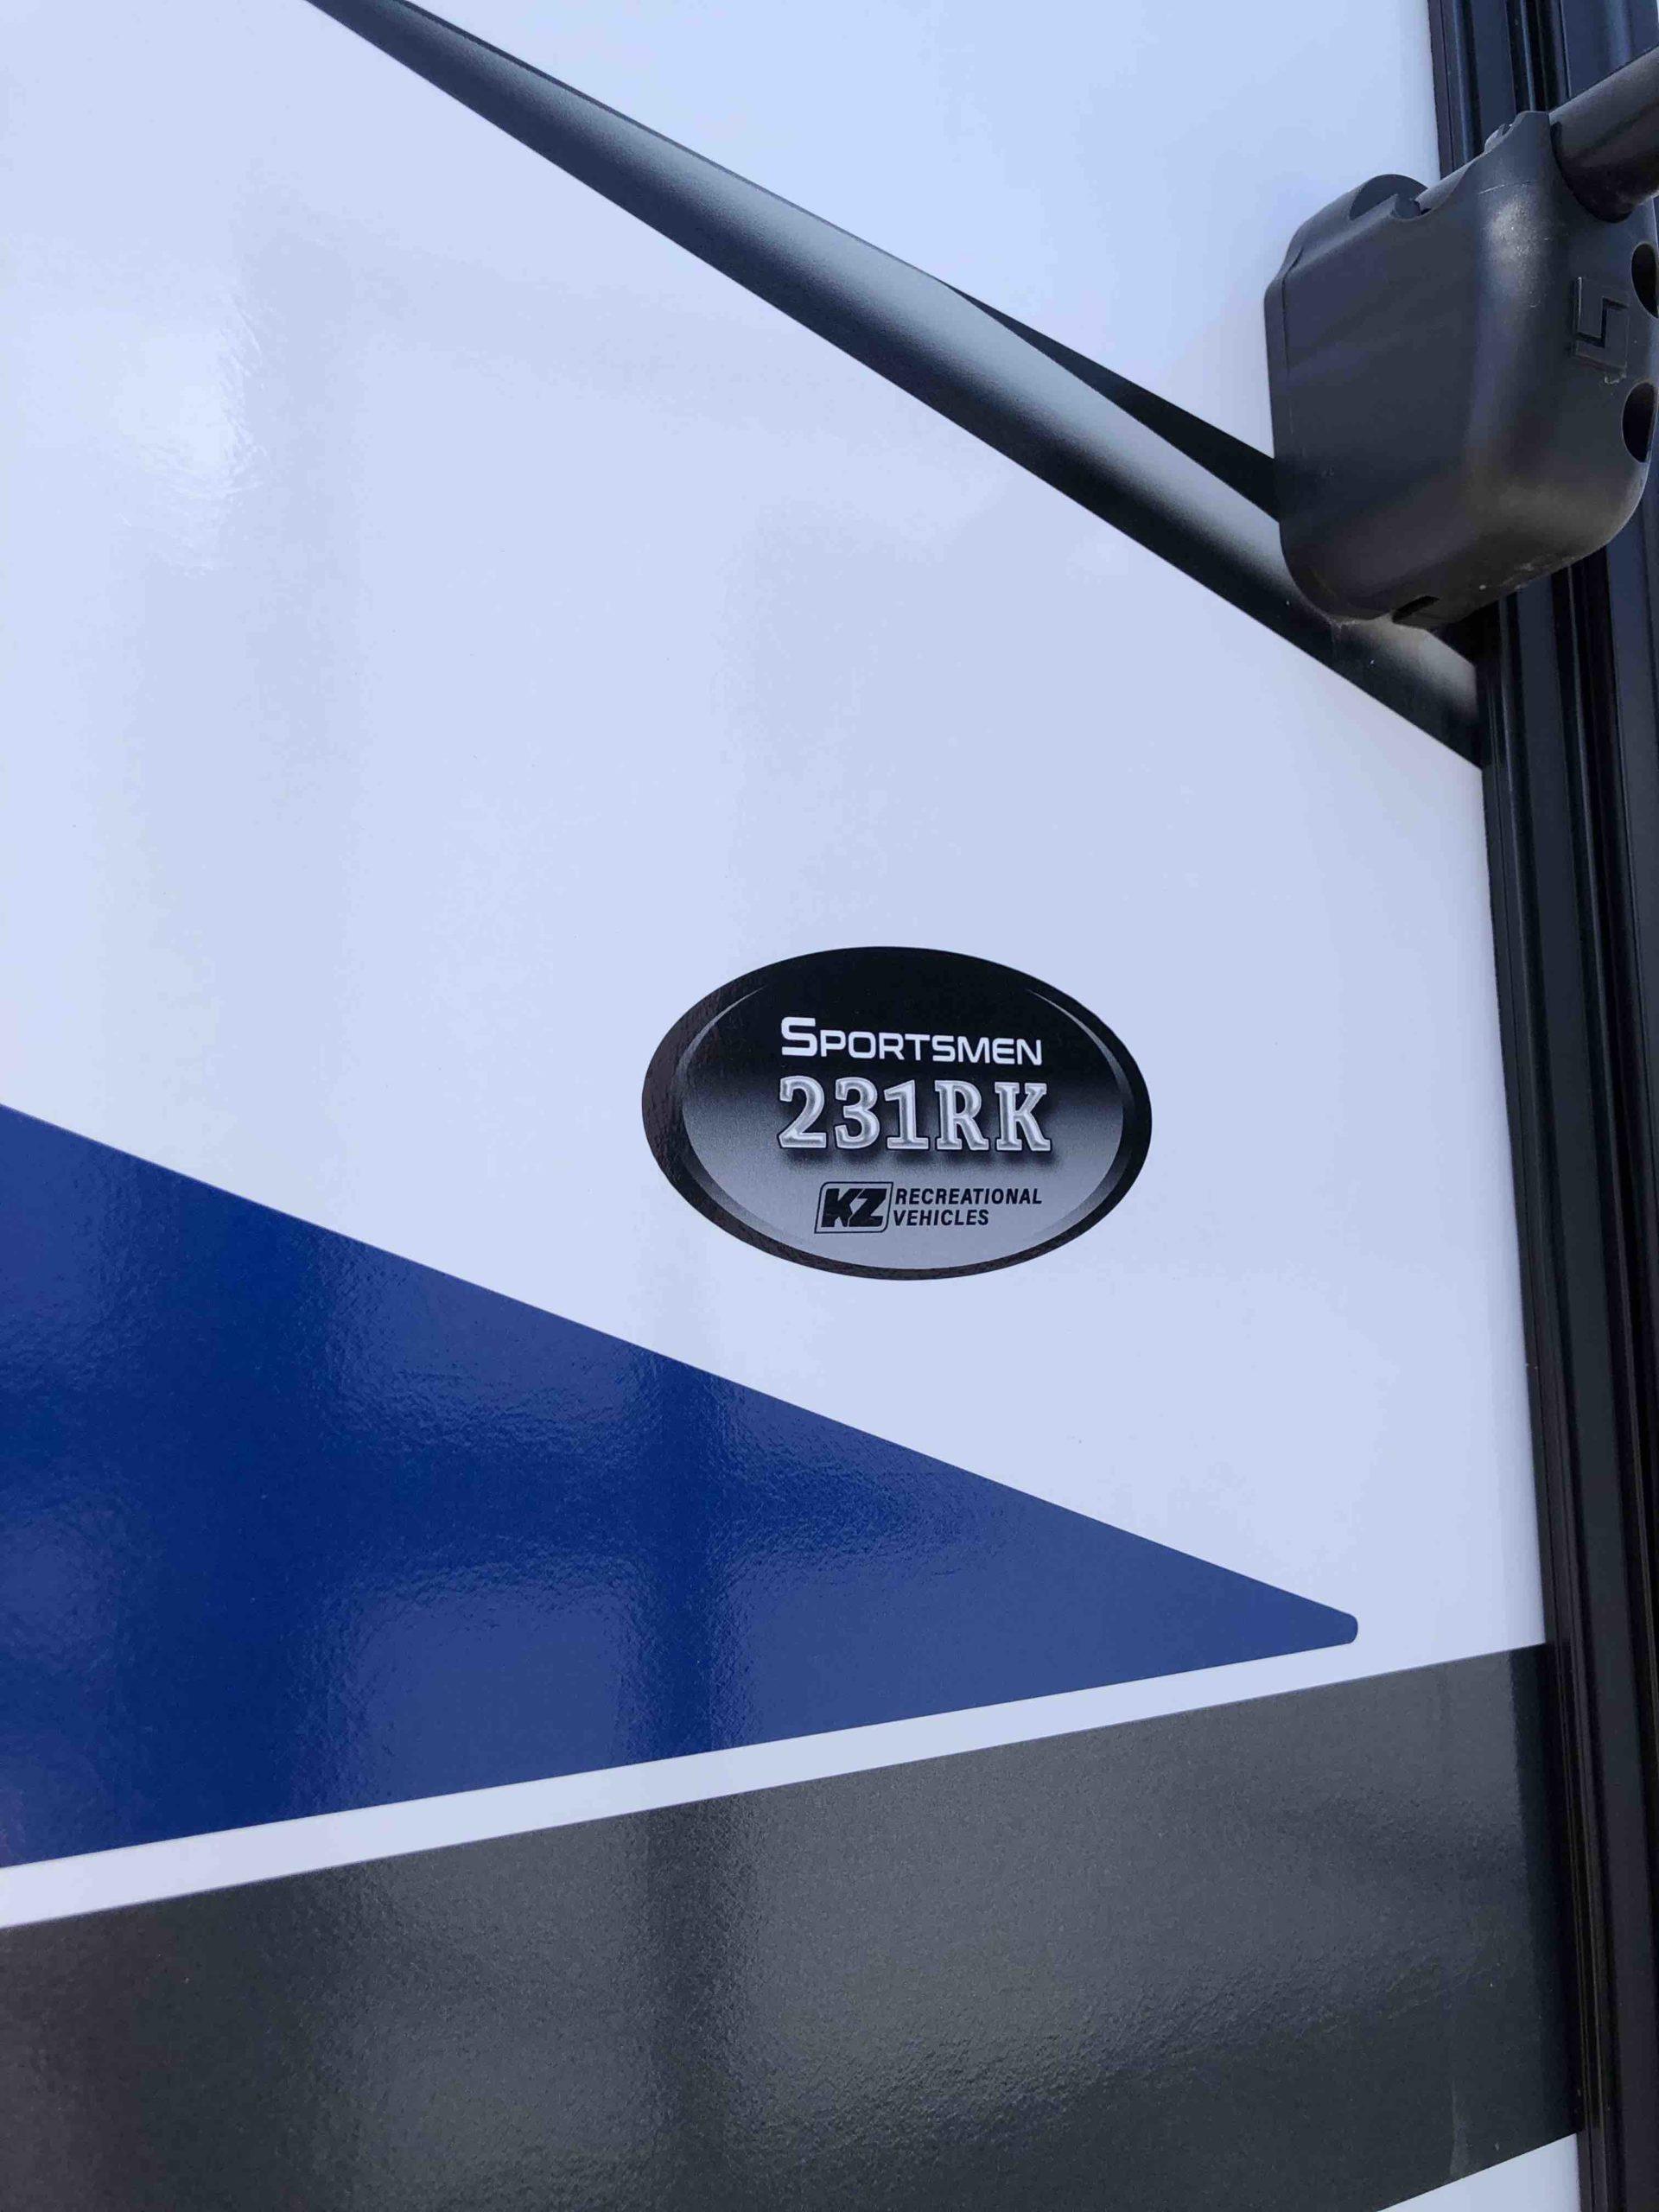 2021 KZ SPORTSMEN FW 231RK full